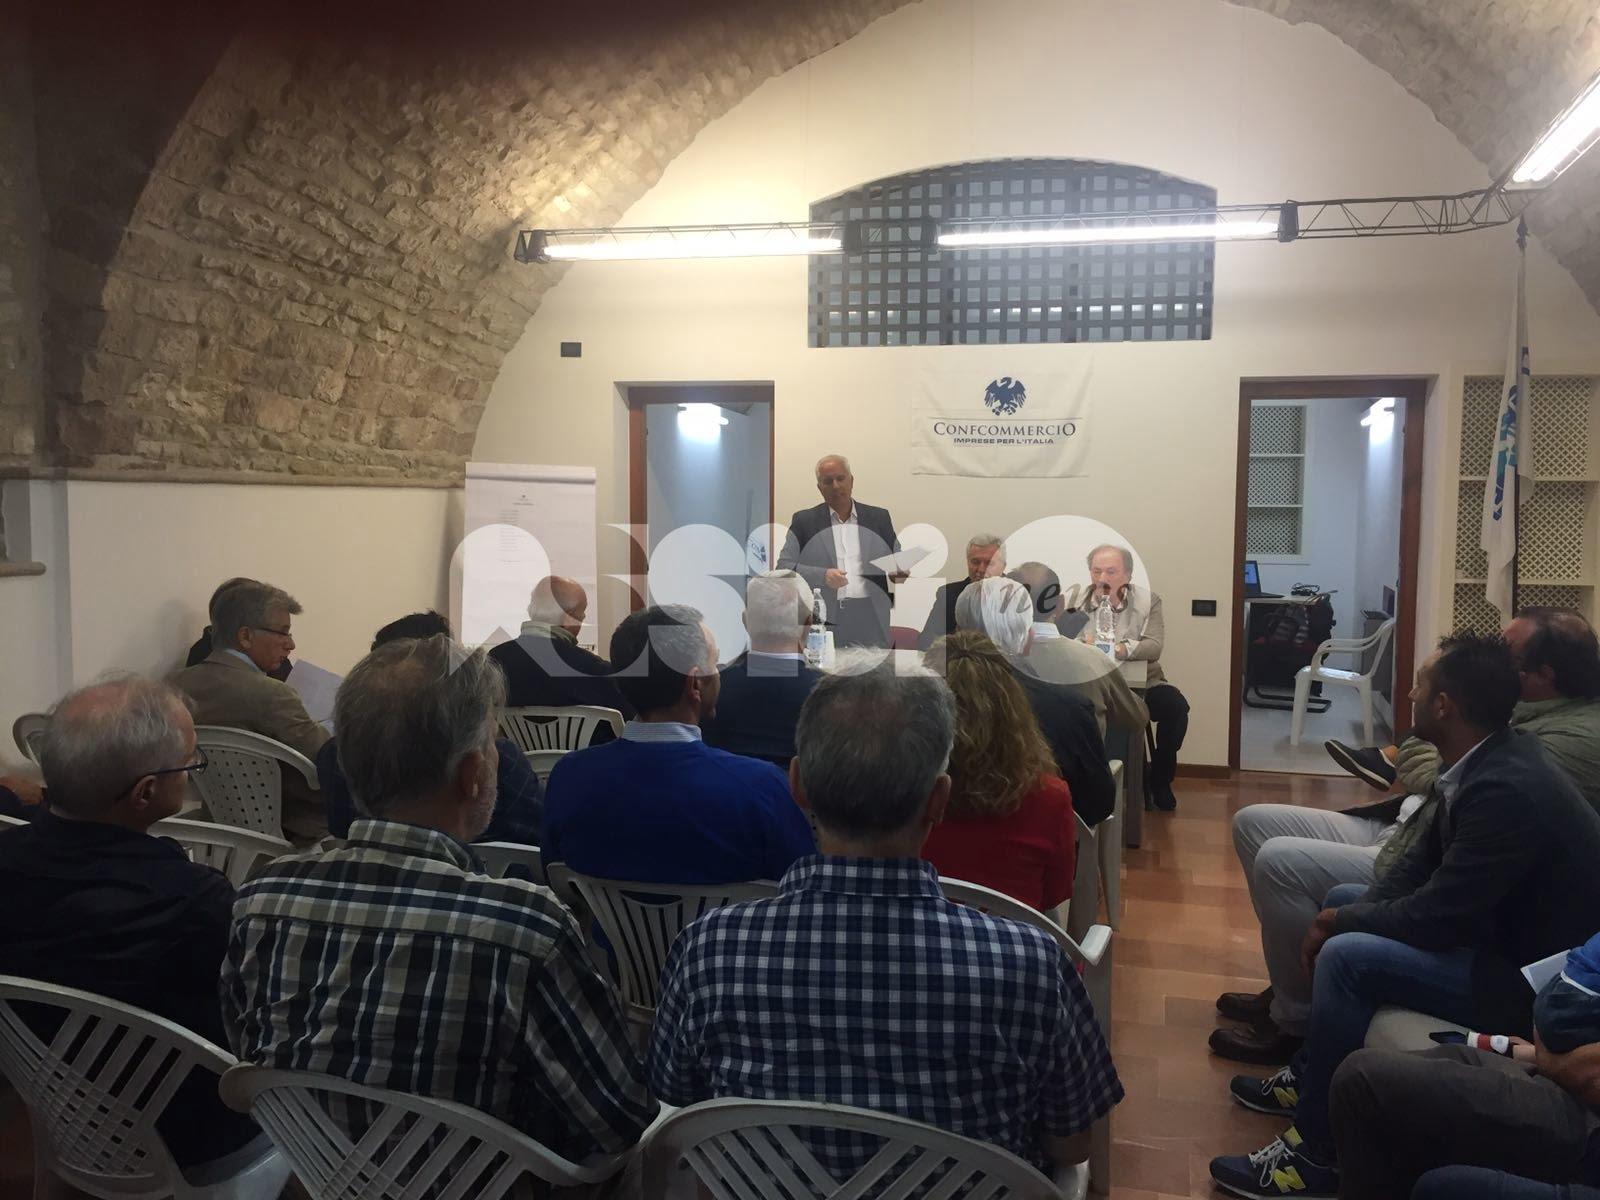 Confcommercio Assisi, eletti i componenti del nuovo consiglio